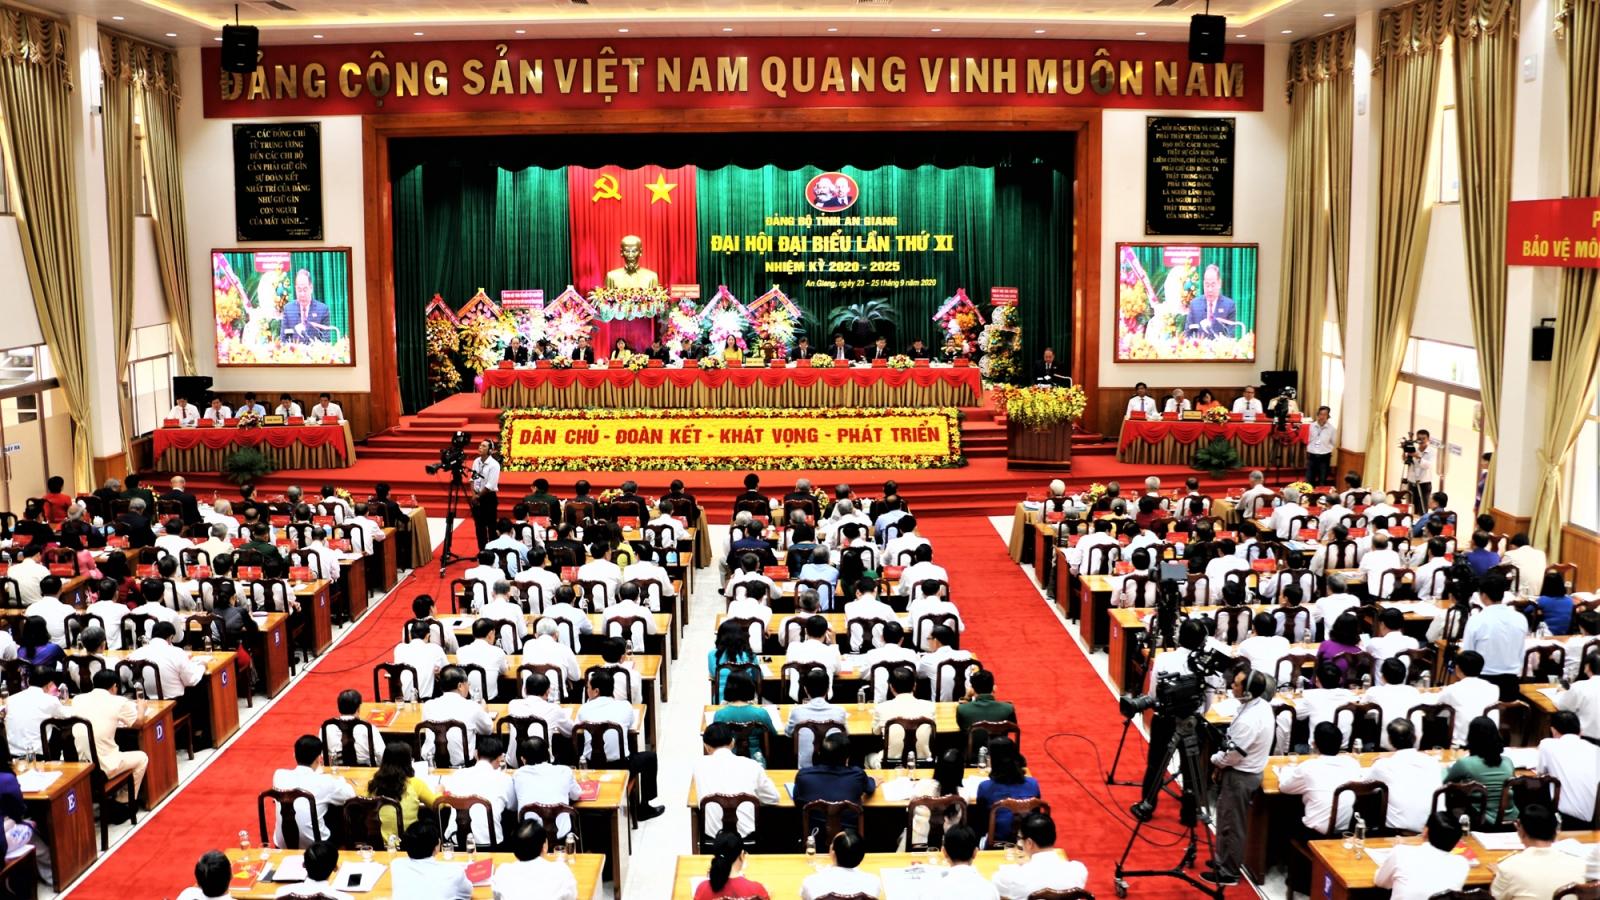 Ông Võ Văn Thưởng dự Khai mạc Đại hội Đảng bộ tỉnh An Giang